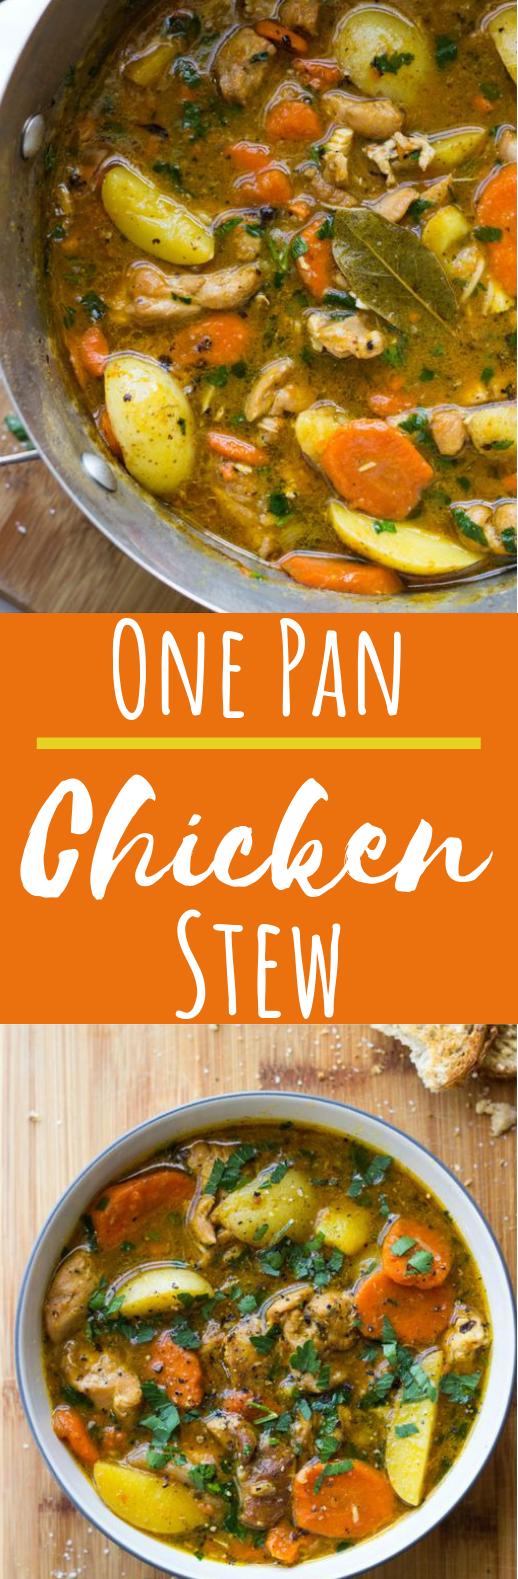 One-Pot Chicken Stew #dinner #chicken